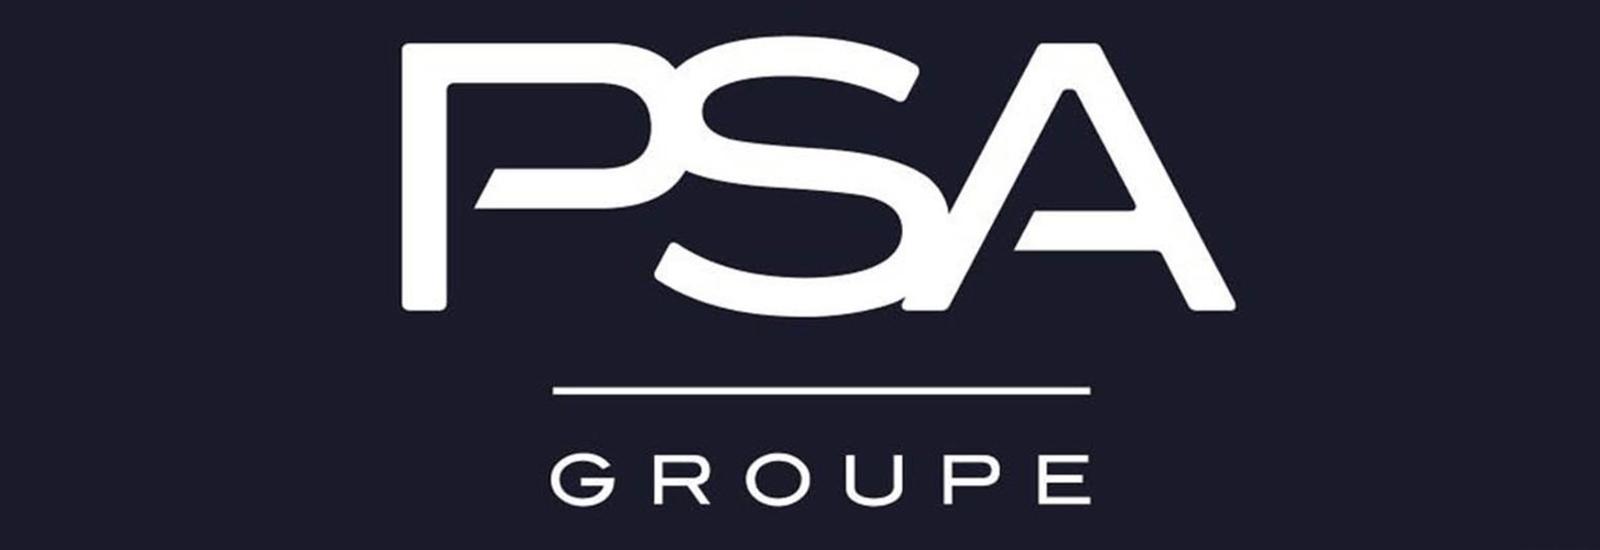 Marcas de coches psa-groupe